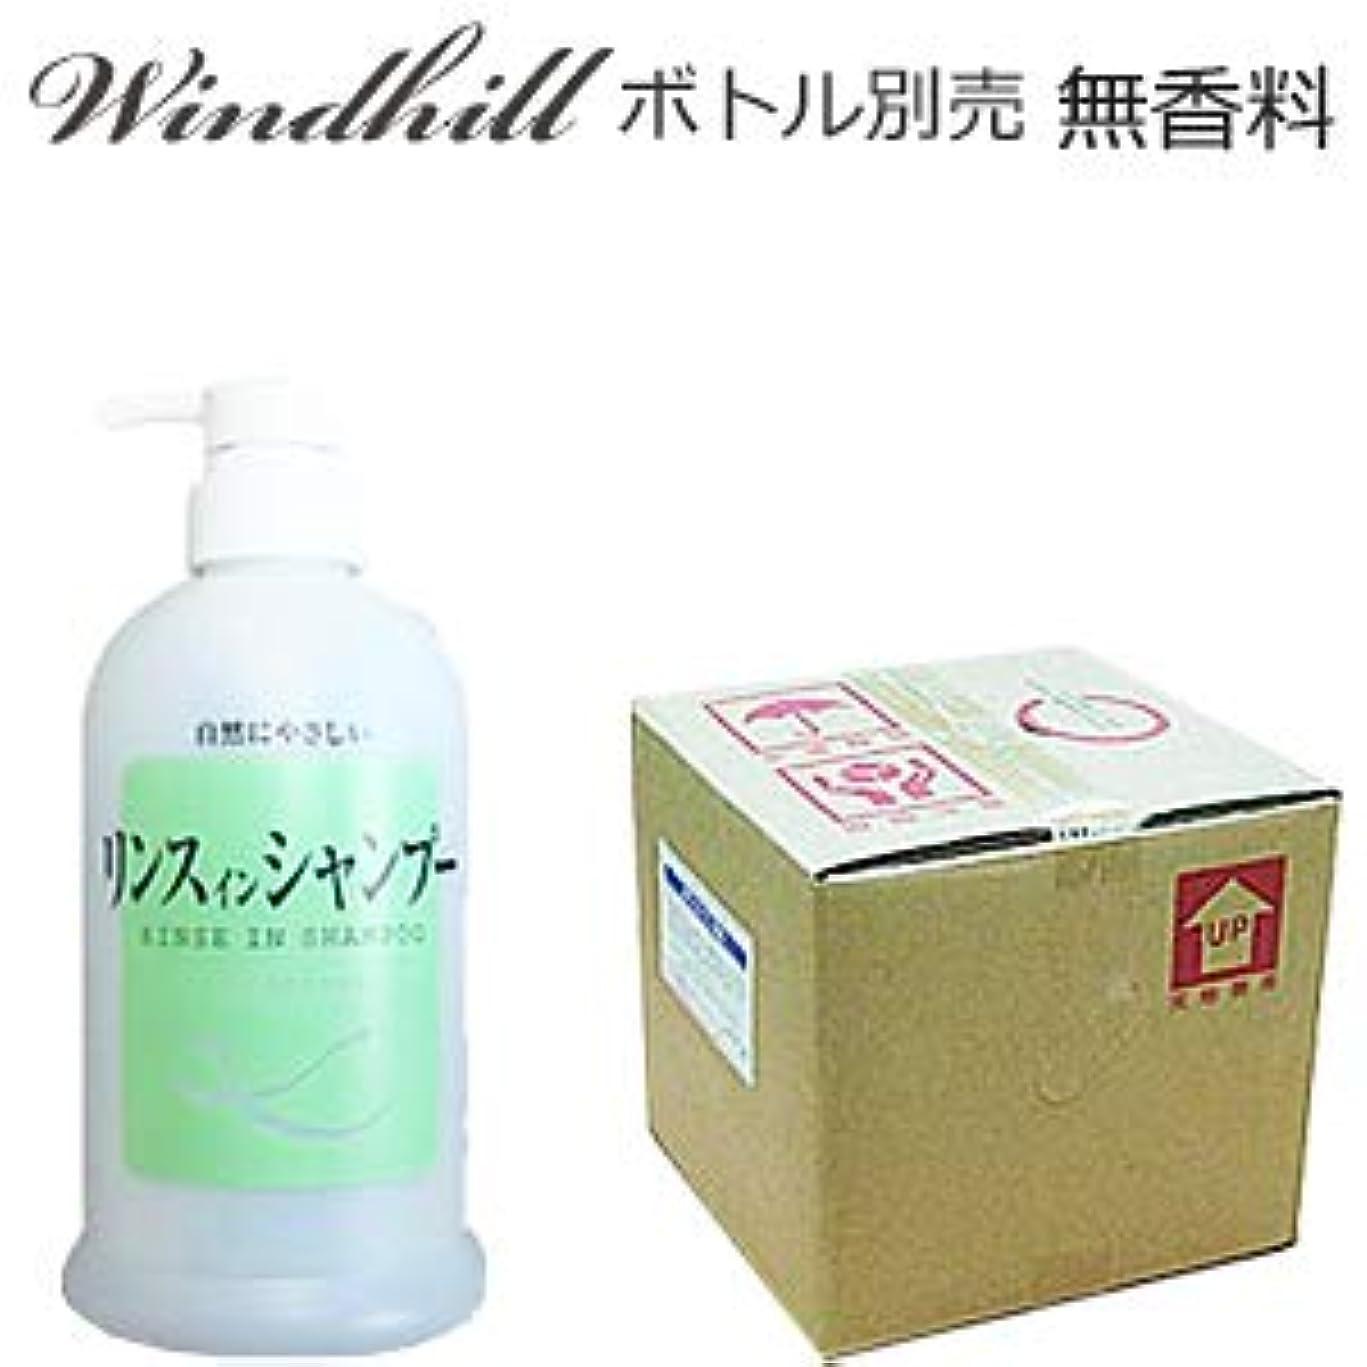 引退するカヌー不安Windhill 植物性 業務用ボディソープ 無香料 20L(1セット20L入)